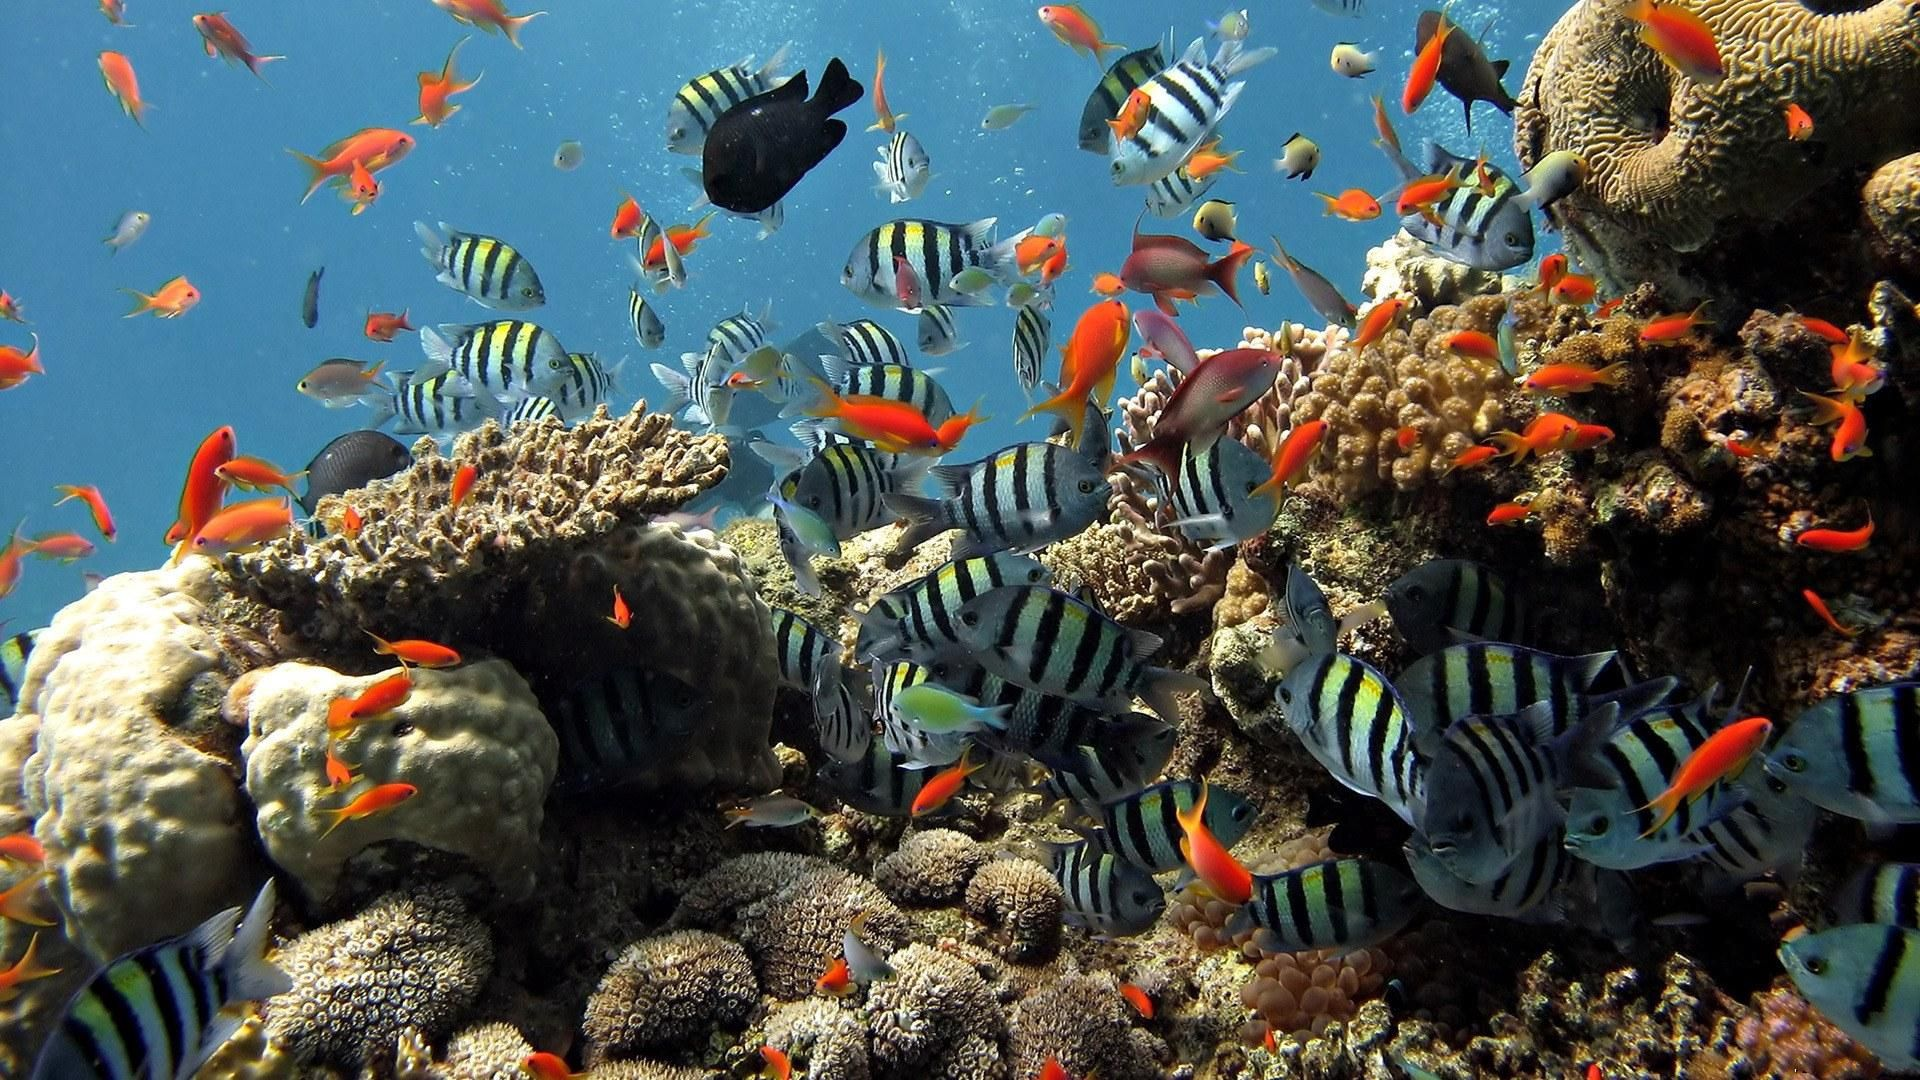 157586 Заставки и Обои Рыбы на телефон. Скачать Рыбы, Животные, Кораллы, Океан, Подводный Мир, Плавать картинки бесплатно